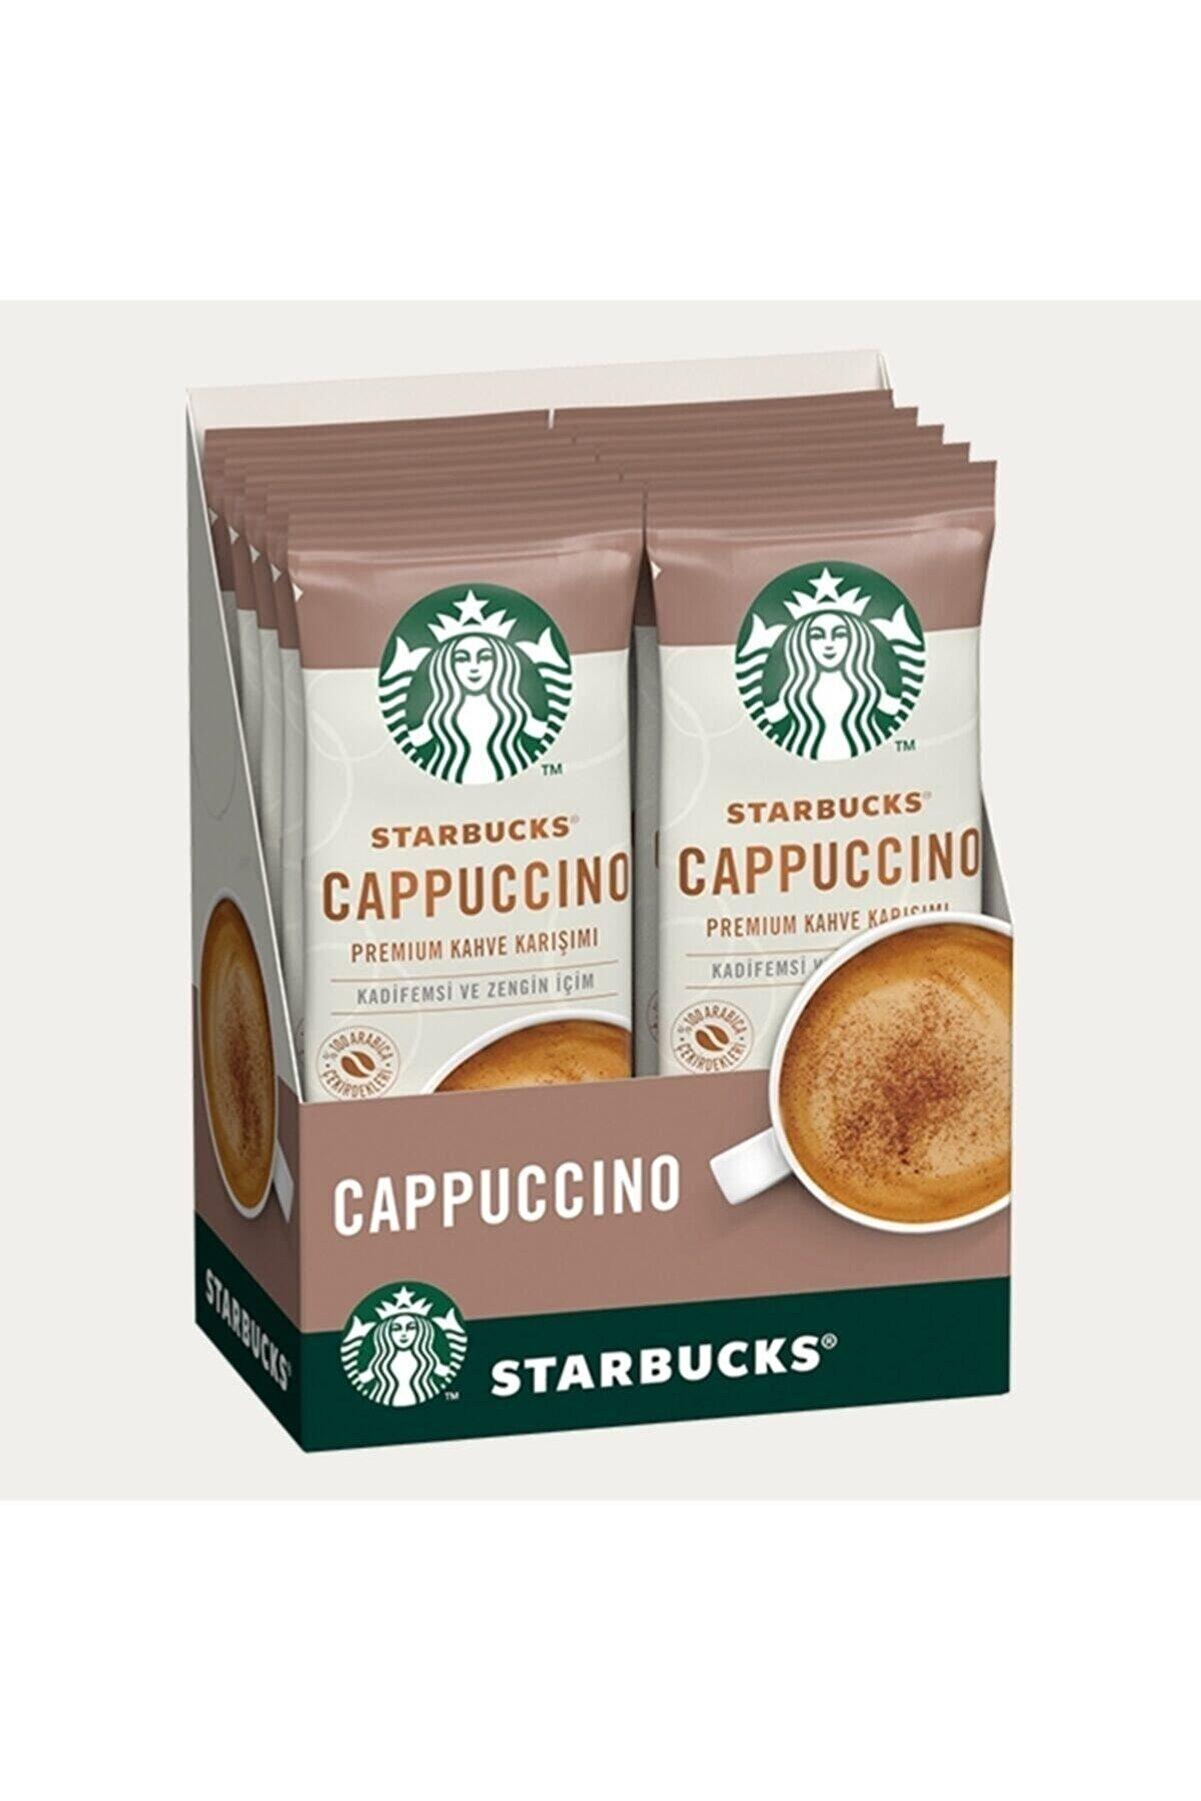 Coffee Starbucks Cappuccino Sınırlı Üretim Premium Kahve Karışımı Seti (10 Adet)